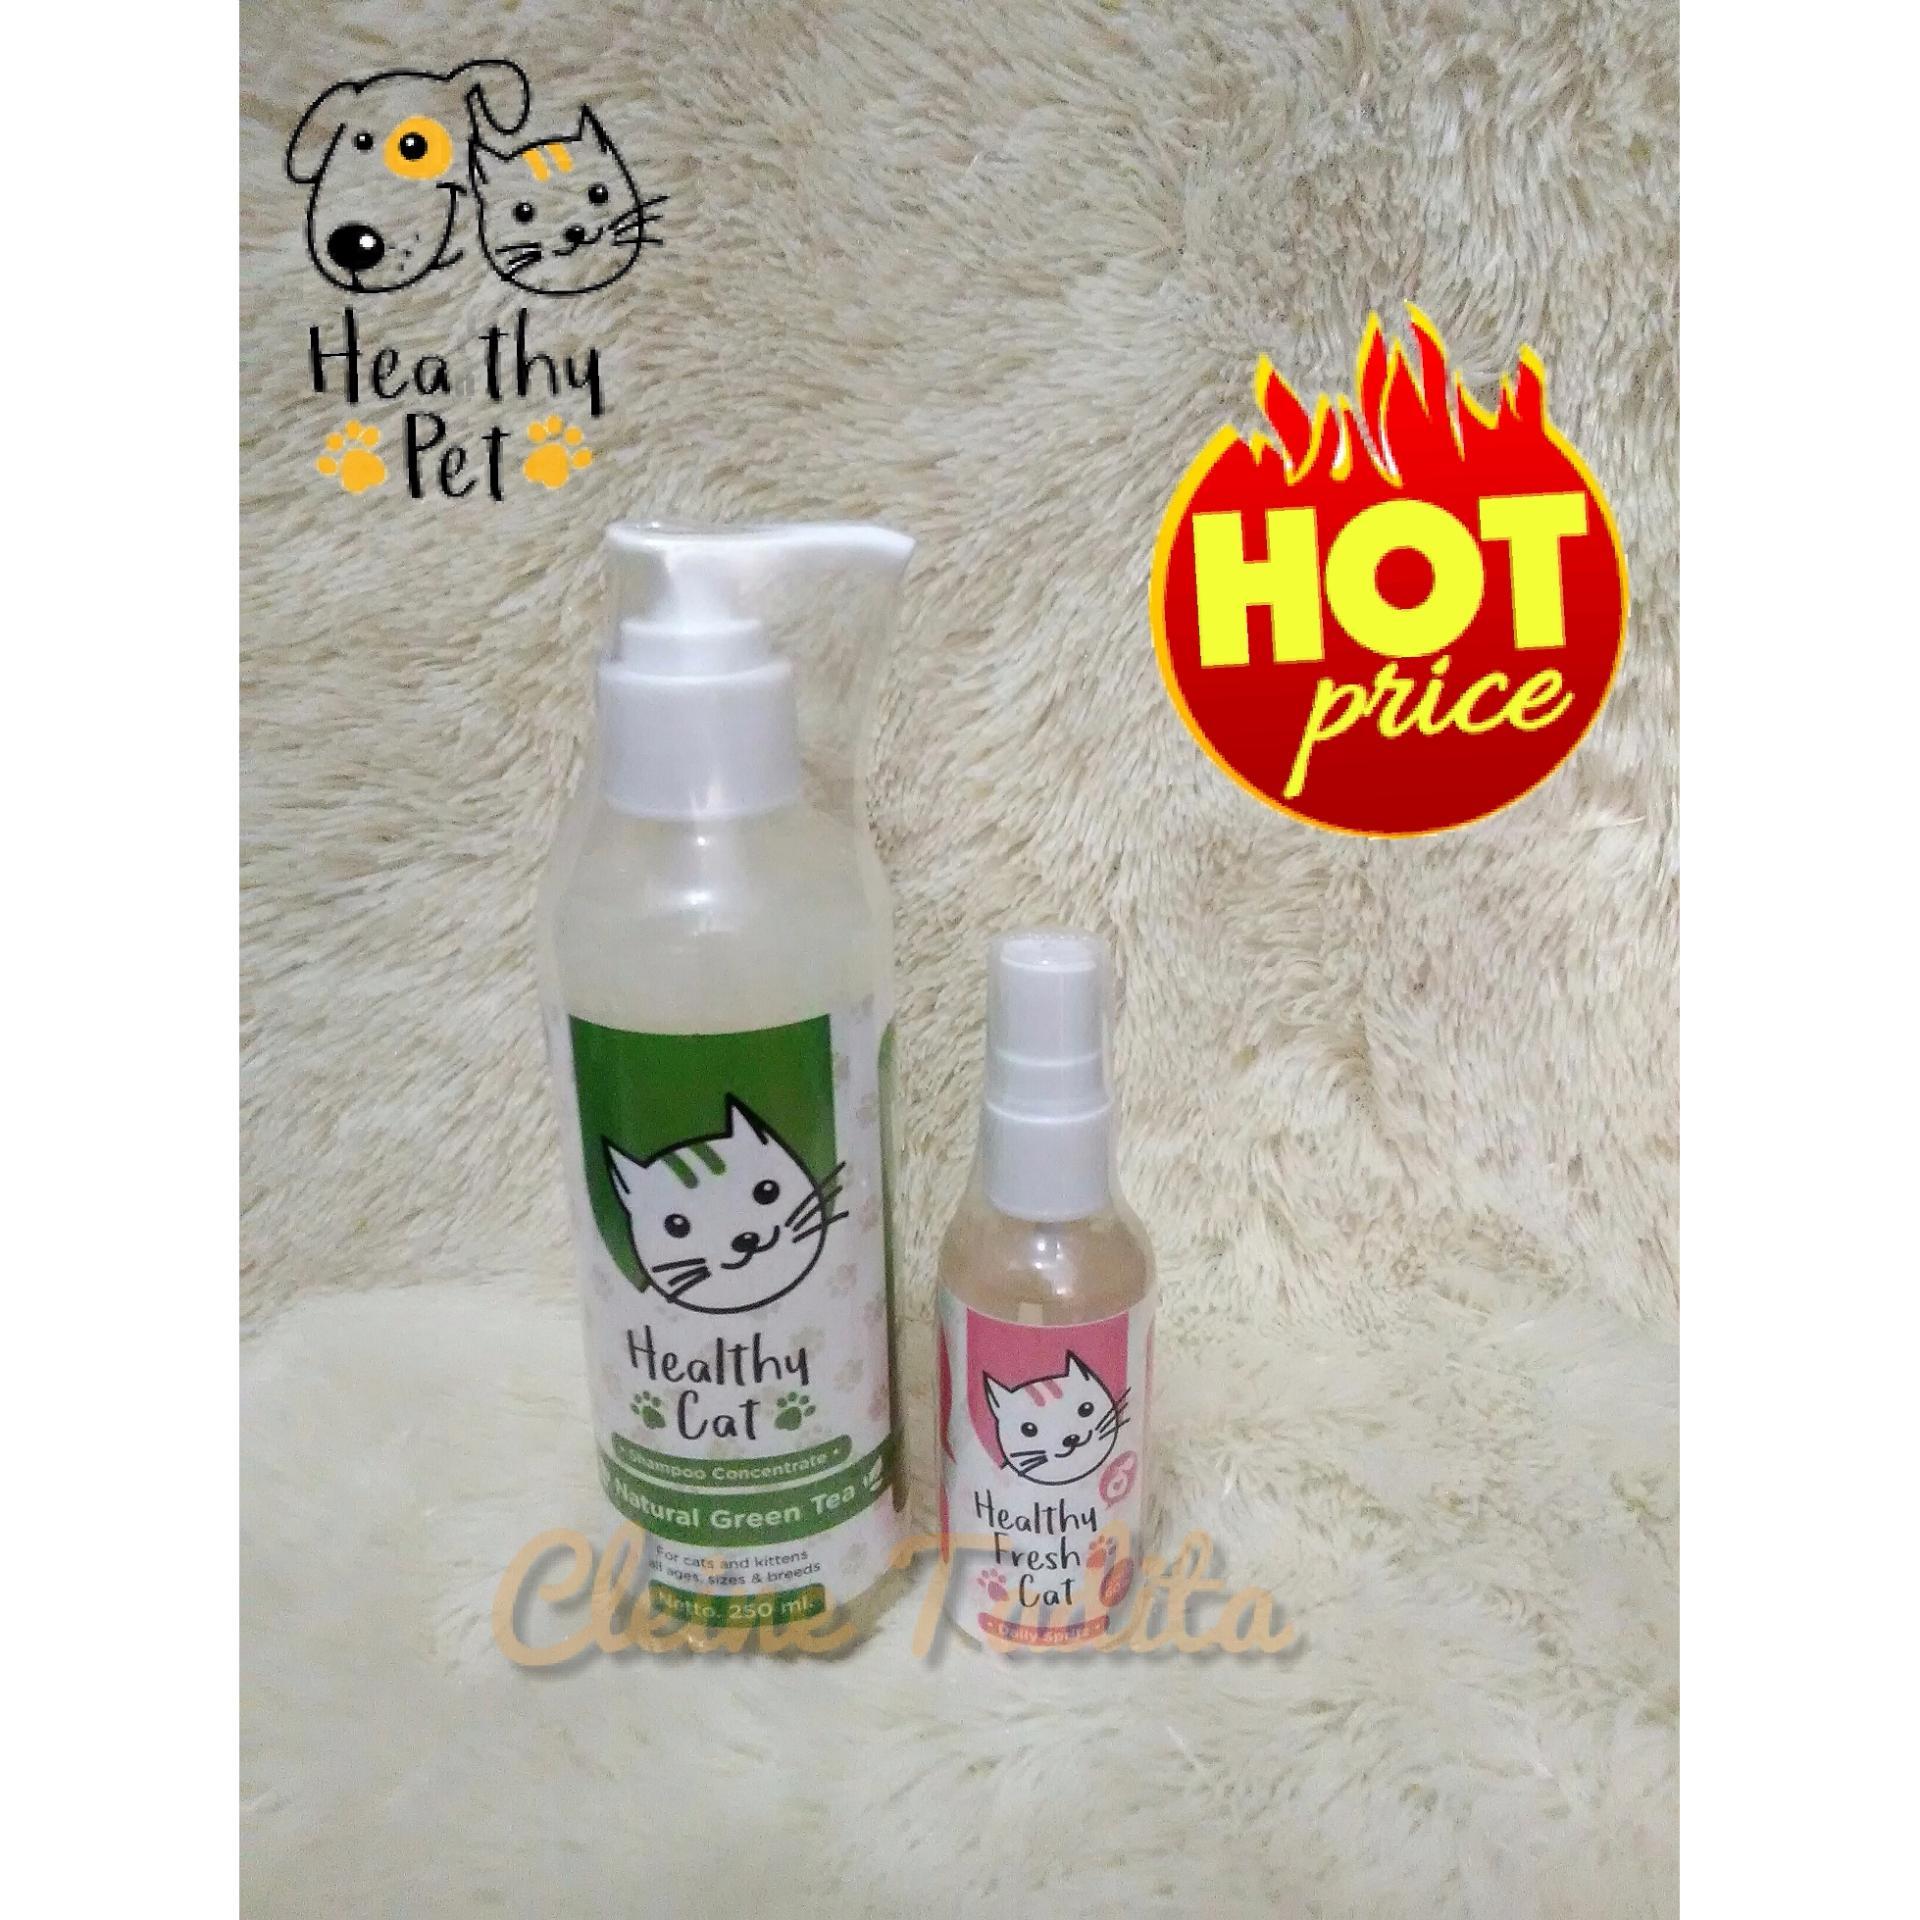 paket healthy cat shampoo natural green tea + cologne